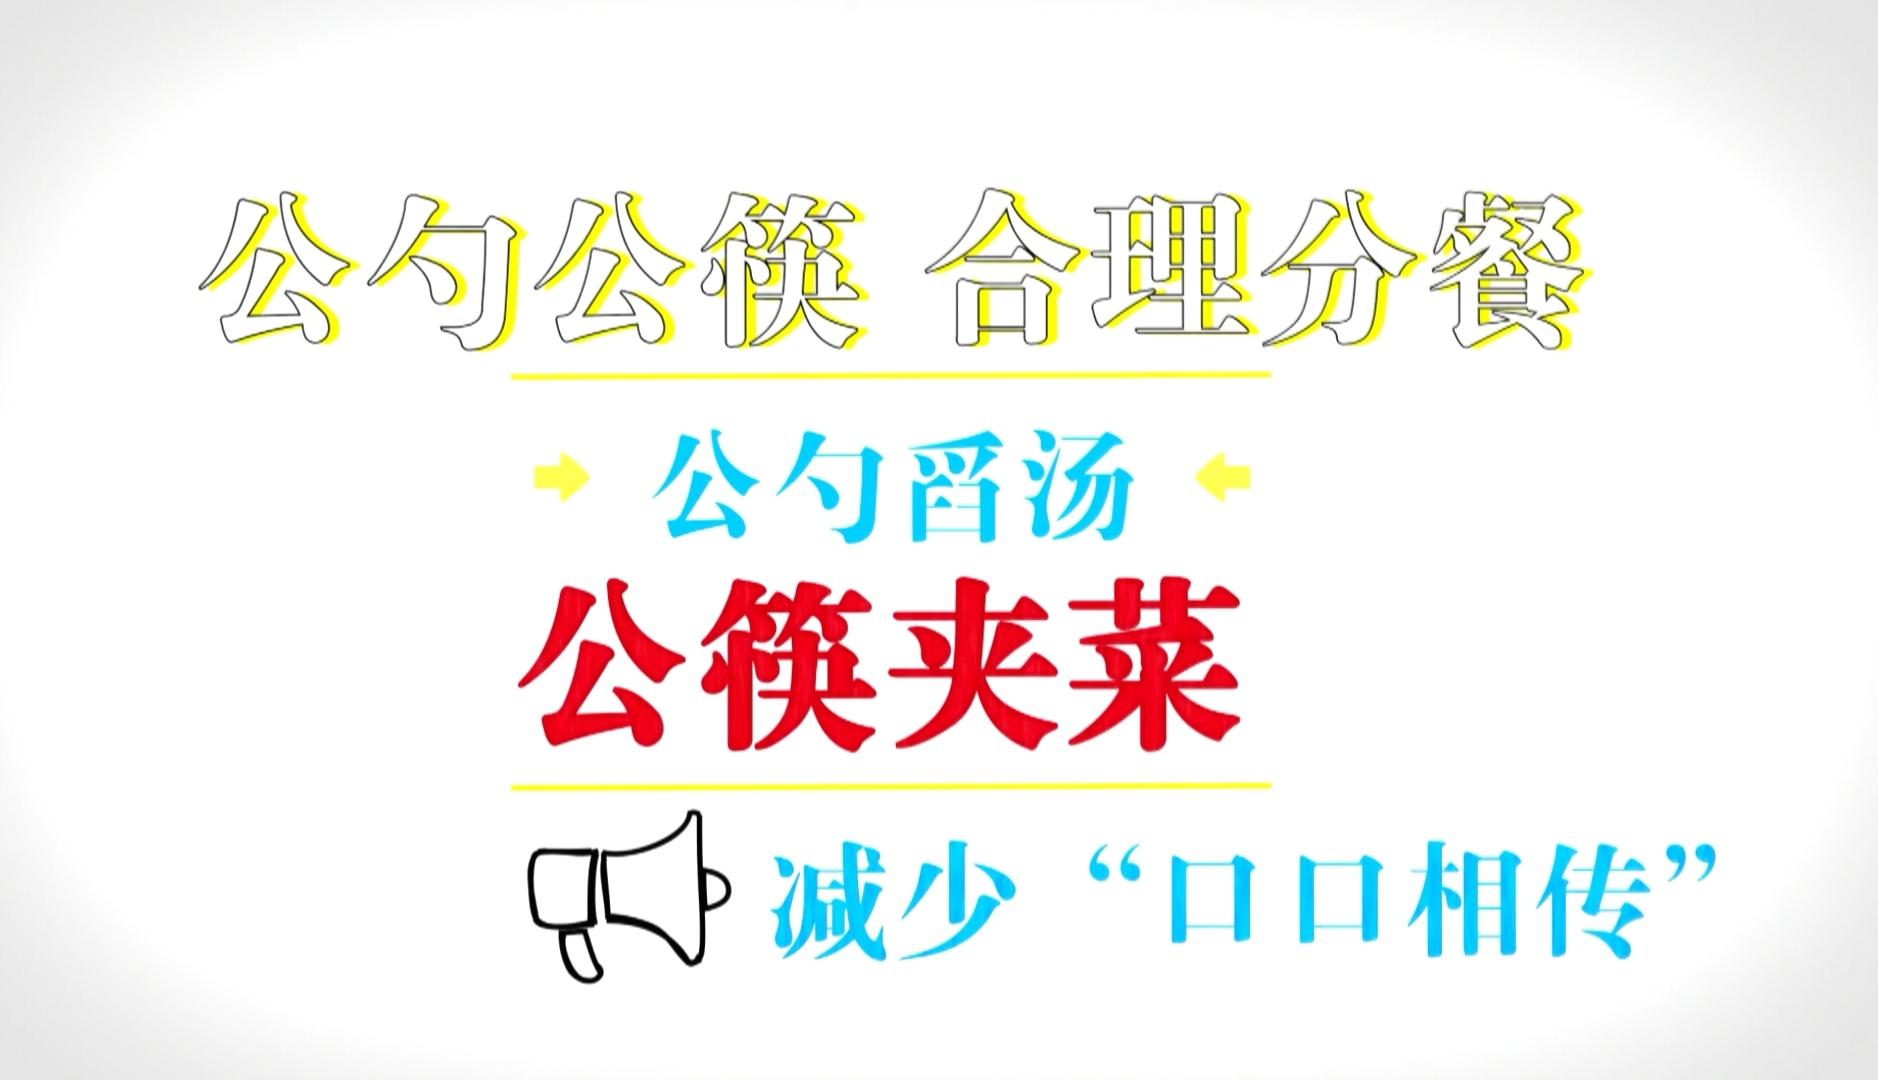 【文明健康 有你有我】公益广告:公勺公筷 合理分餐